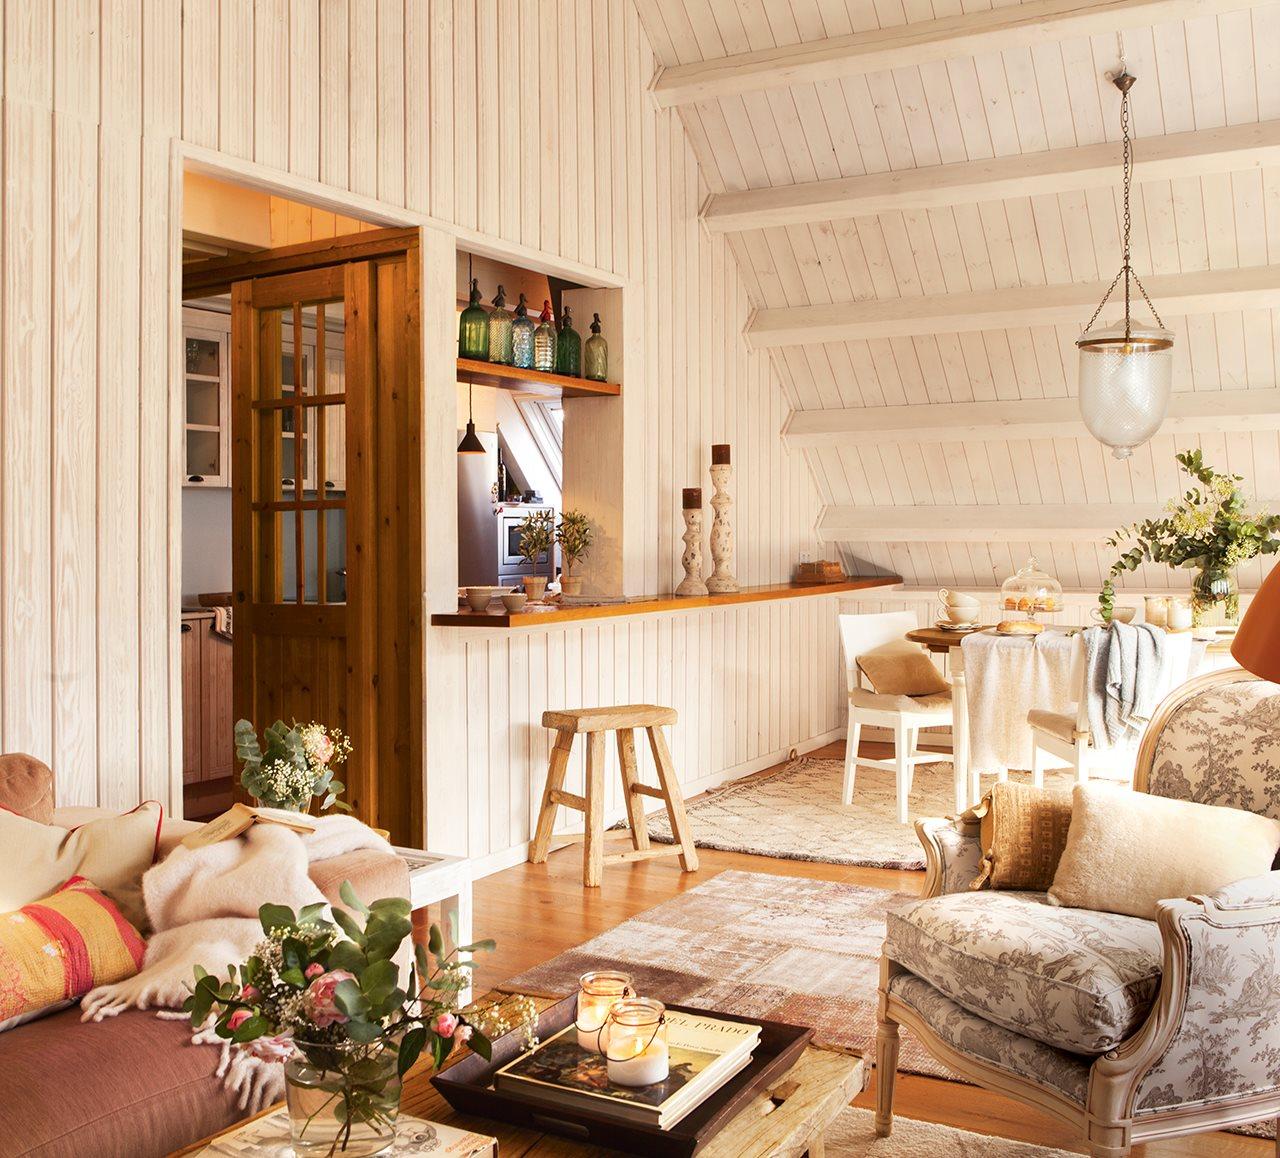 Convertir tu desv n en un espacio r stico c lido y luminoso - Butacas pequenas para salon ...